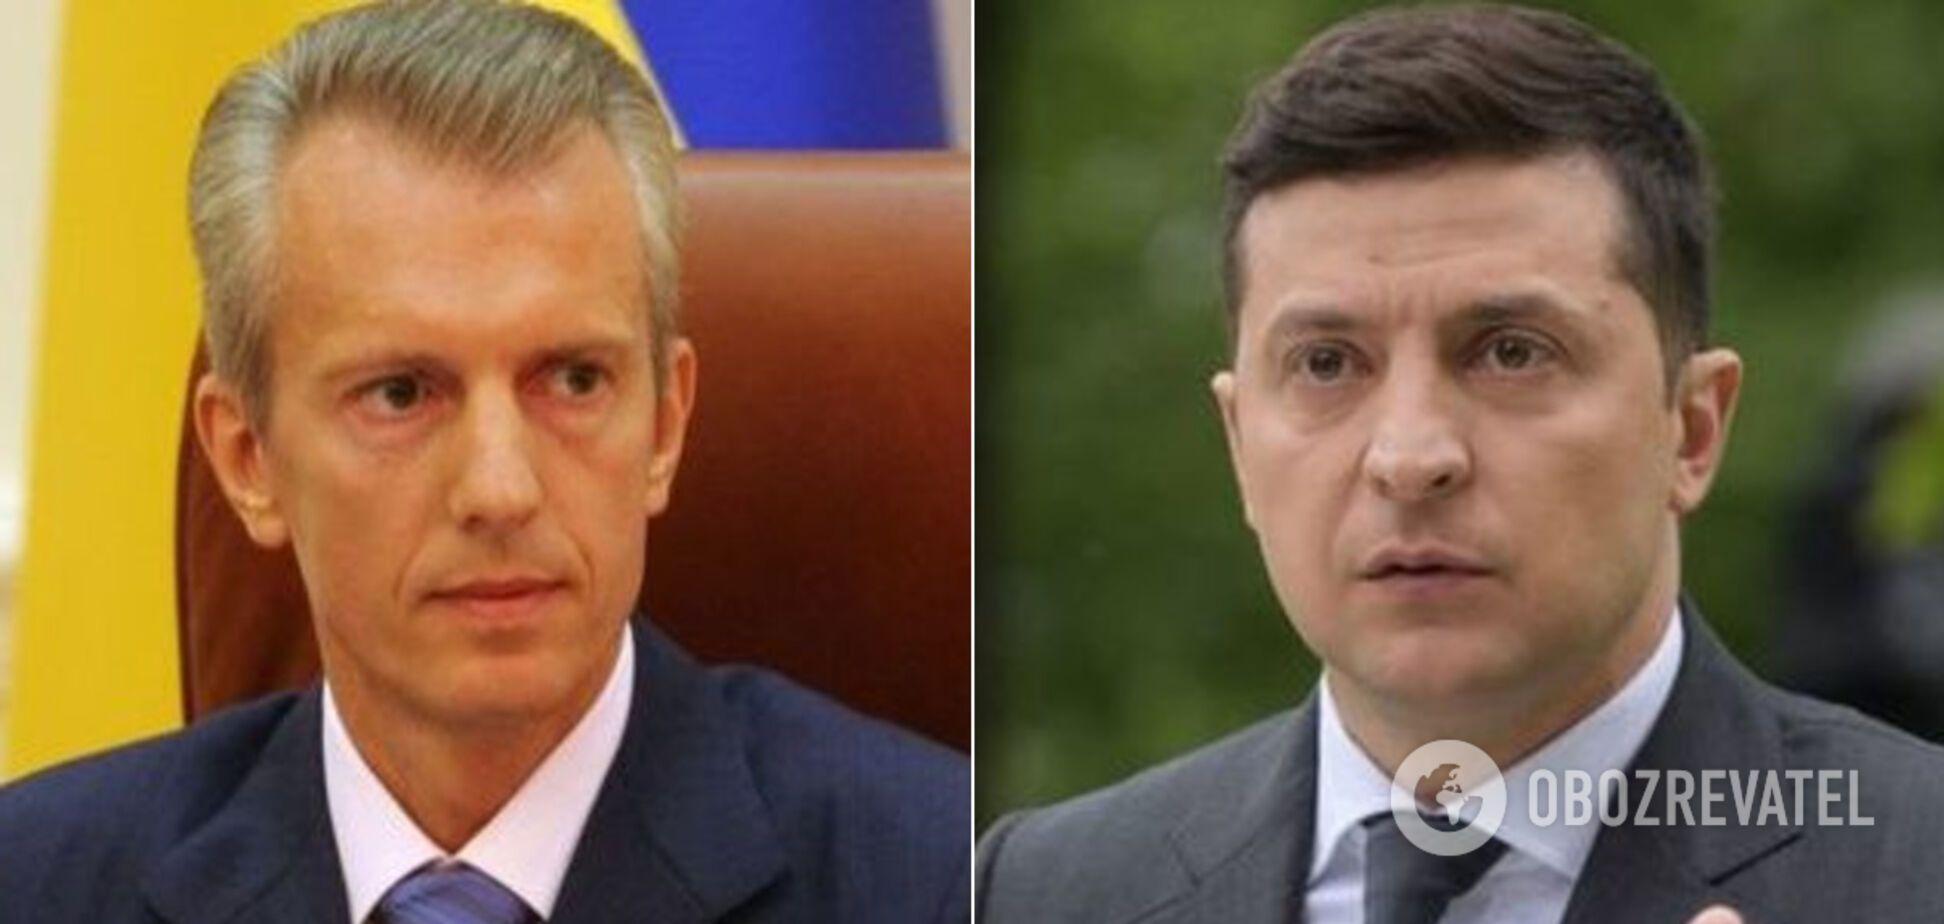 Зеленский рассказал, какие должности предлагал Хорошковскому